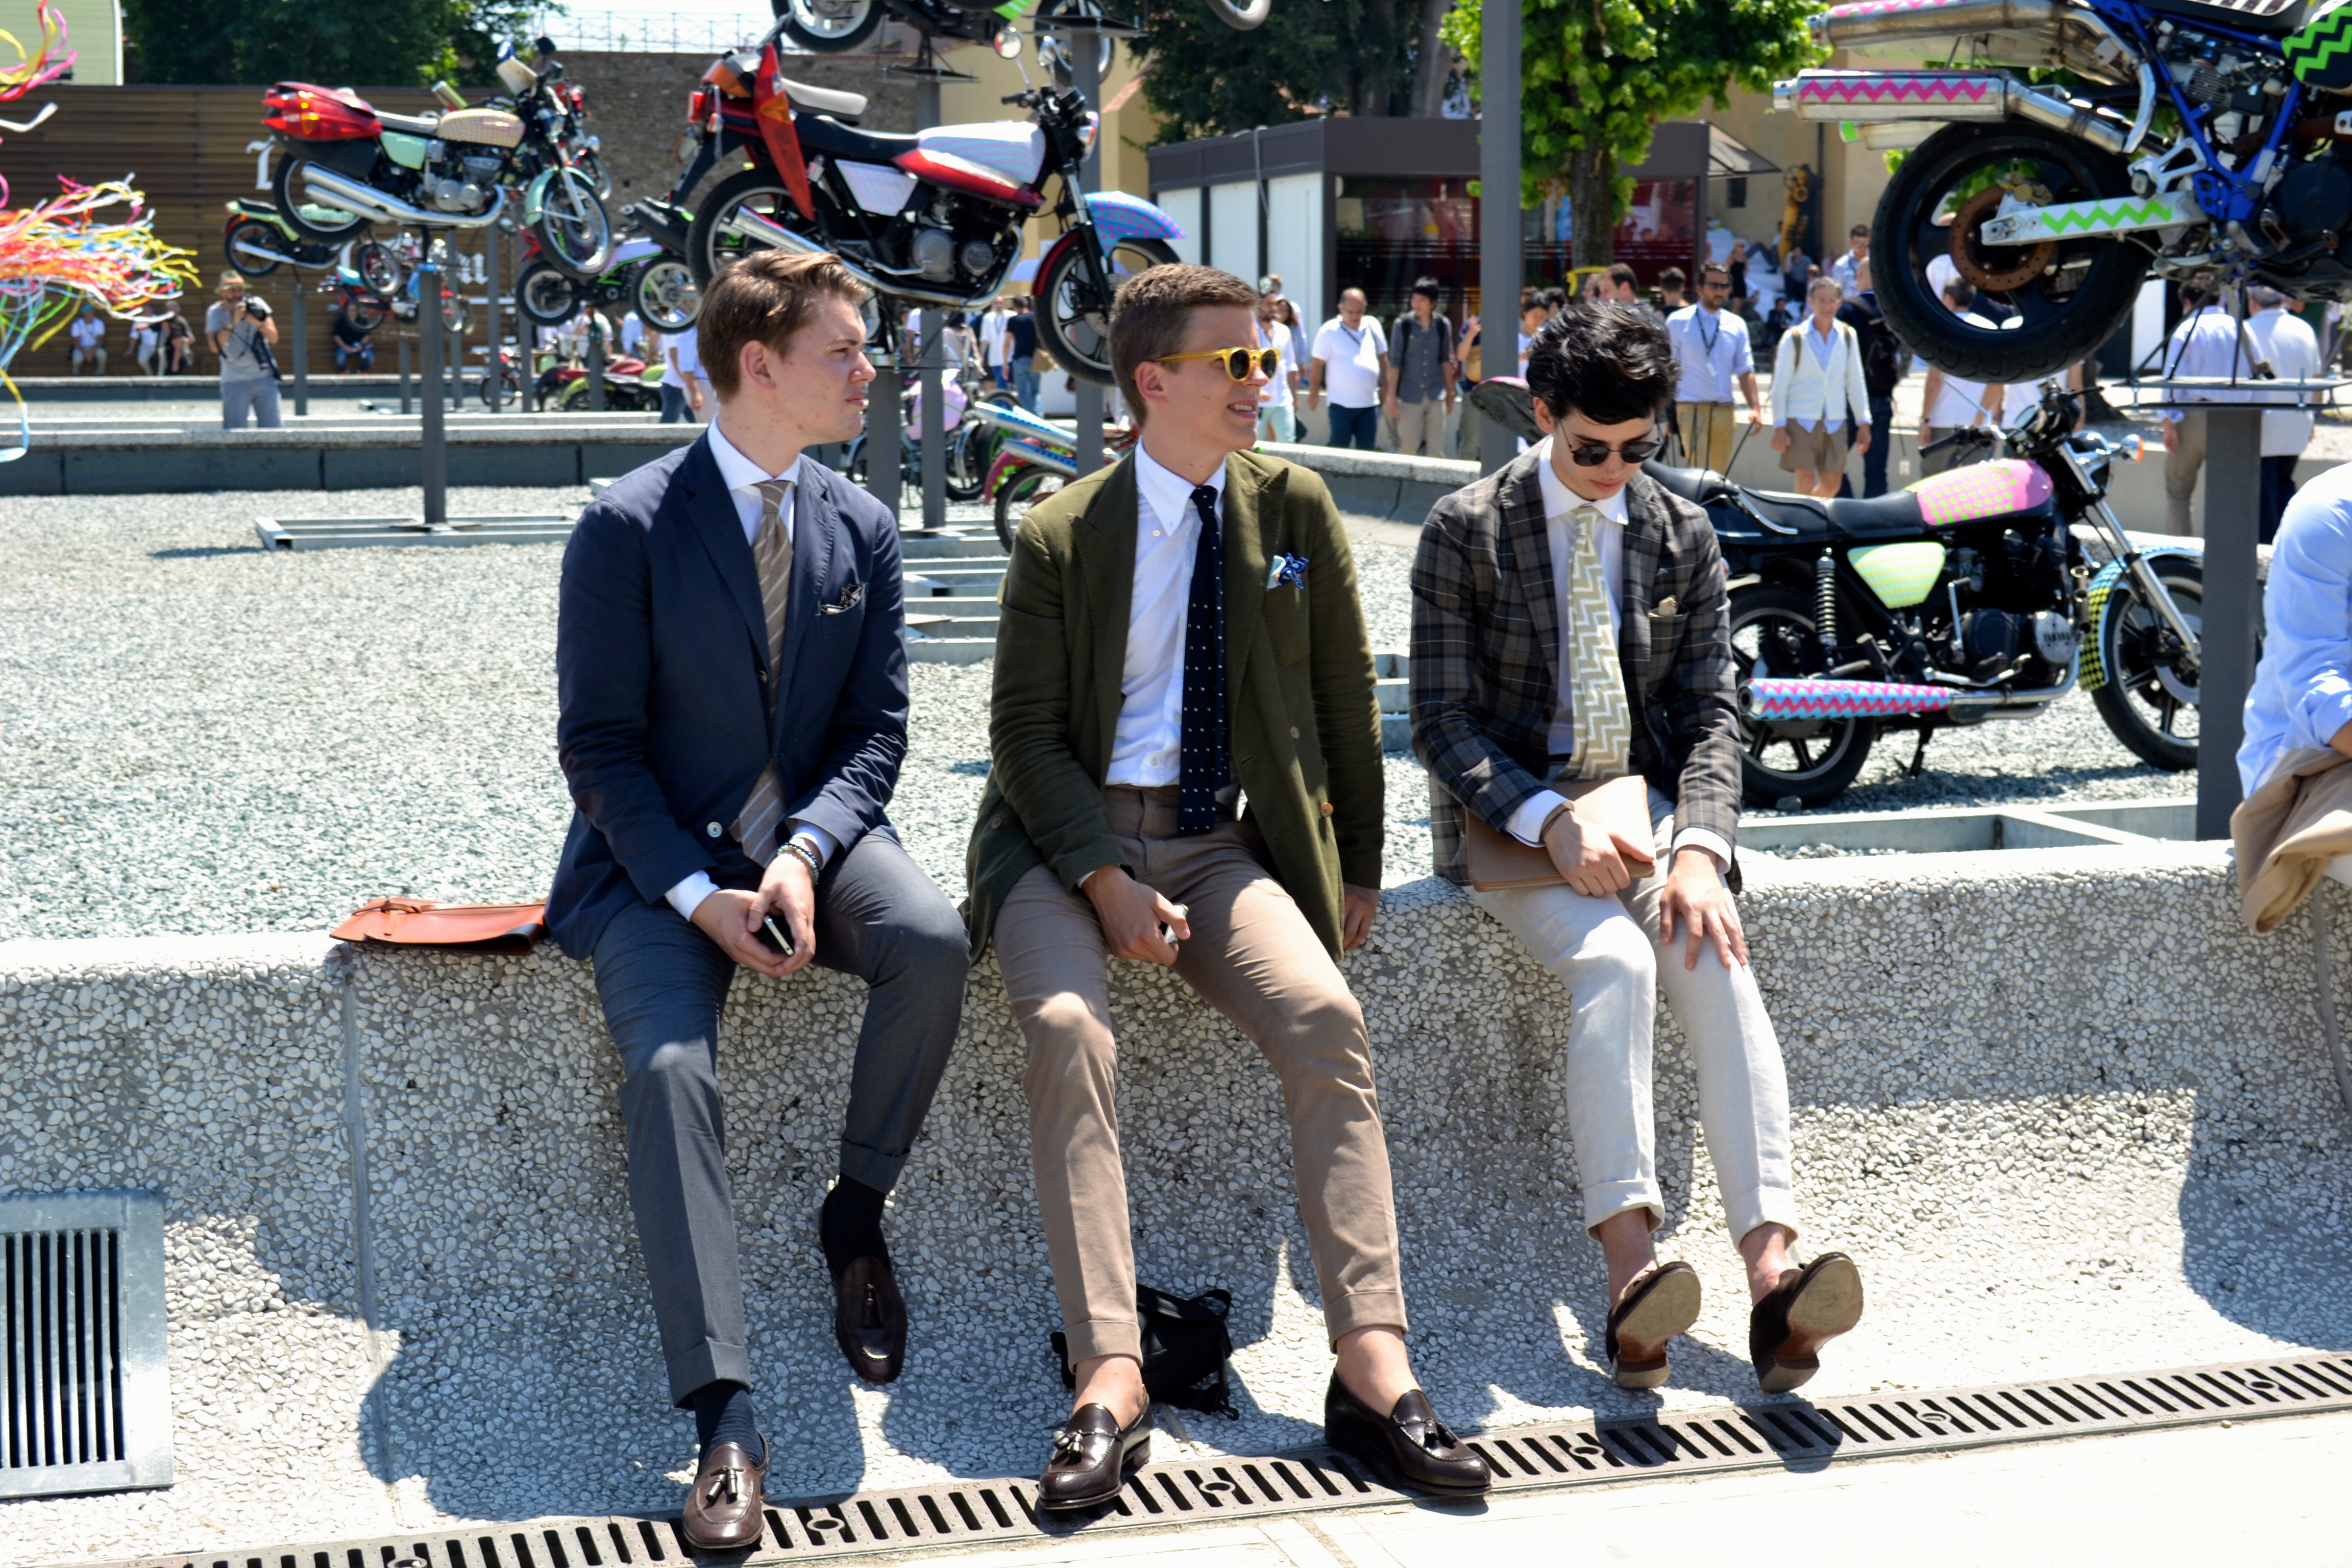 Guys at Pitti Uomo via Men's Style Pro